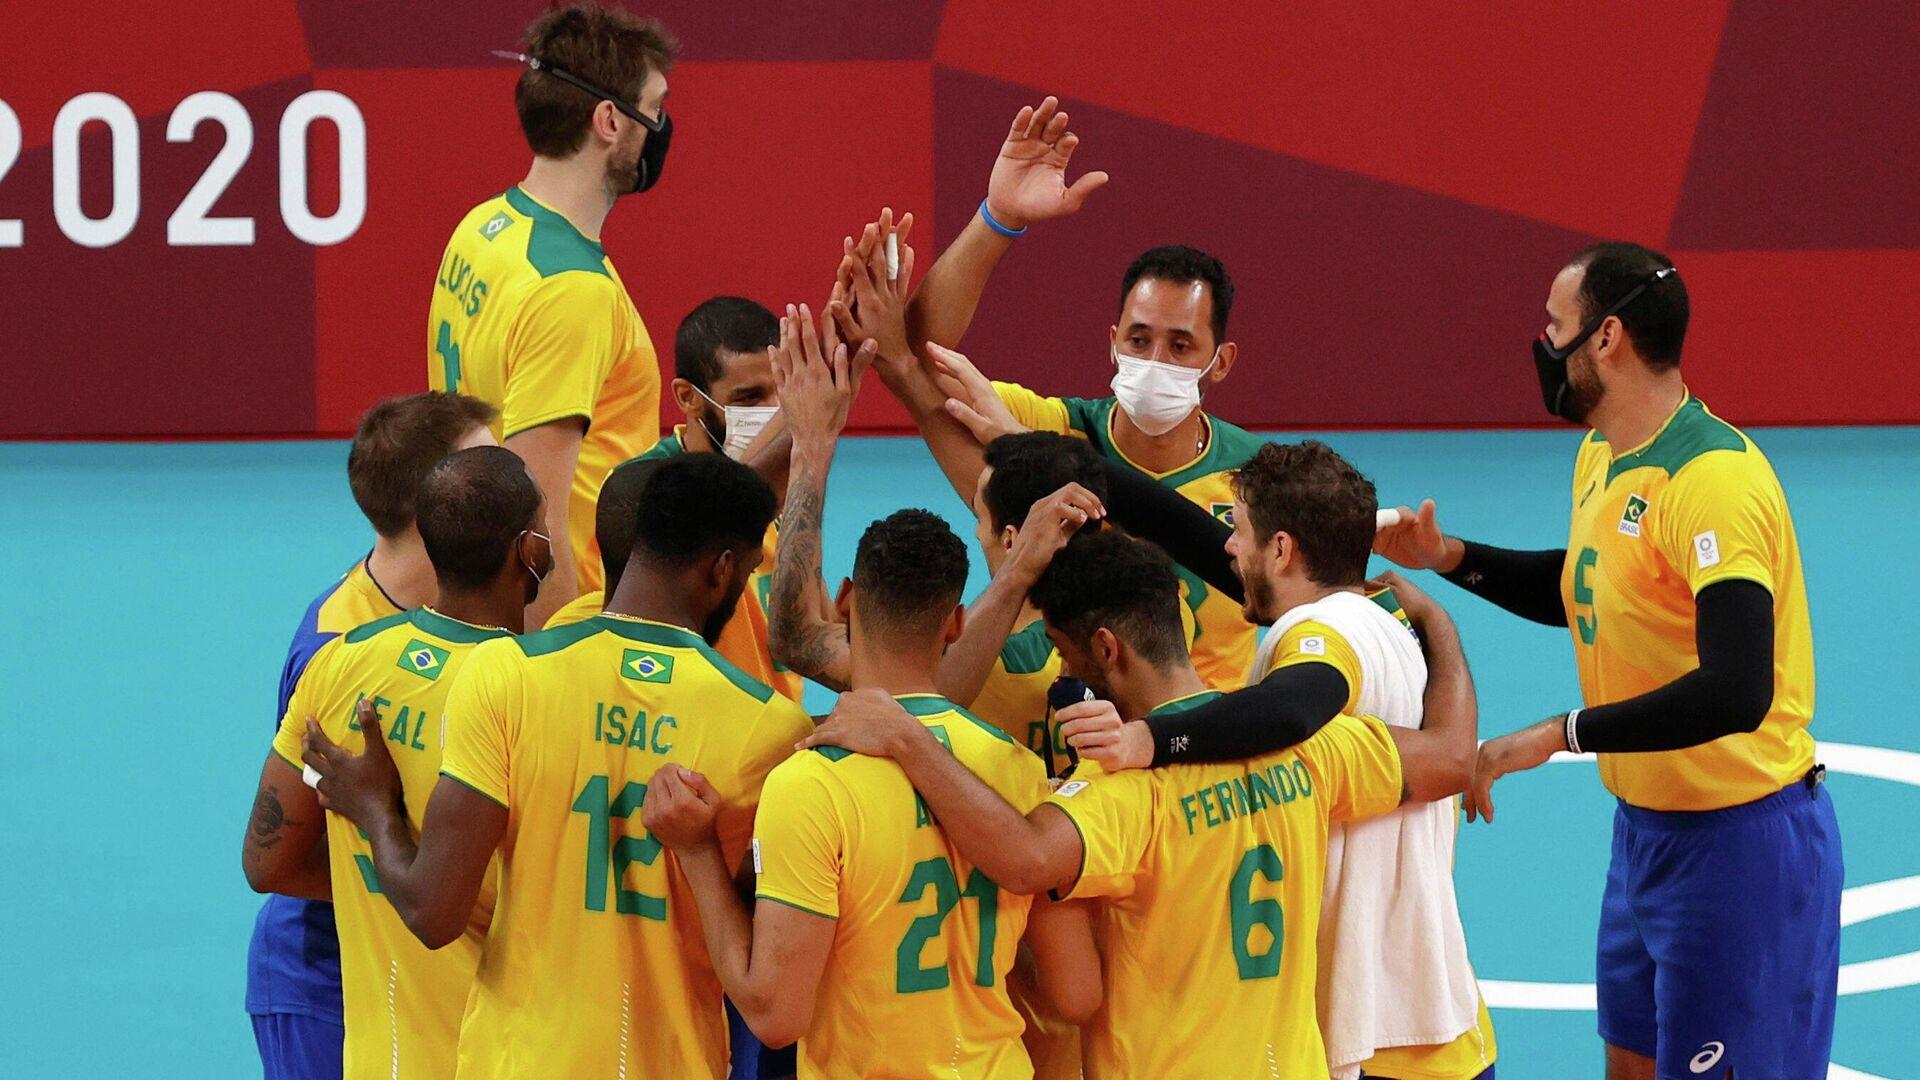 Волейболисты сборной Бразилии - РИА Новости, 1920, 24.07.2021